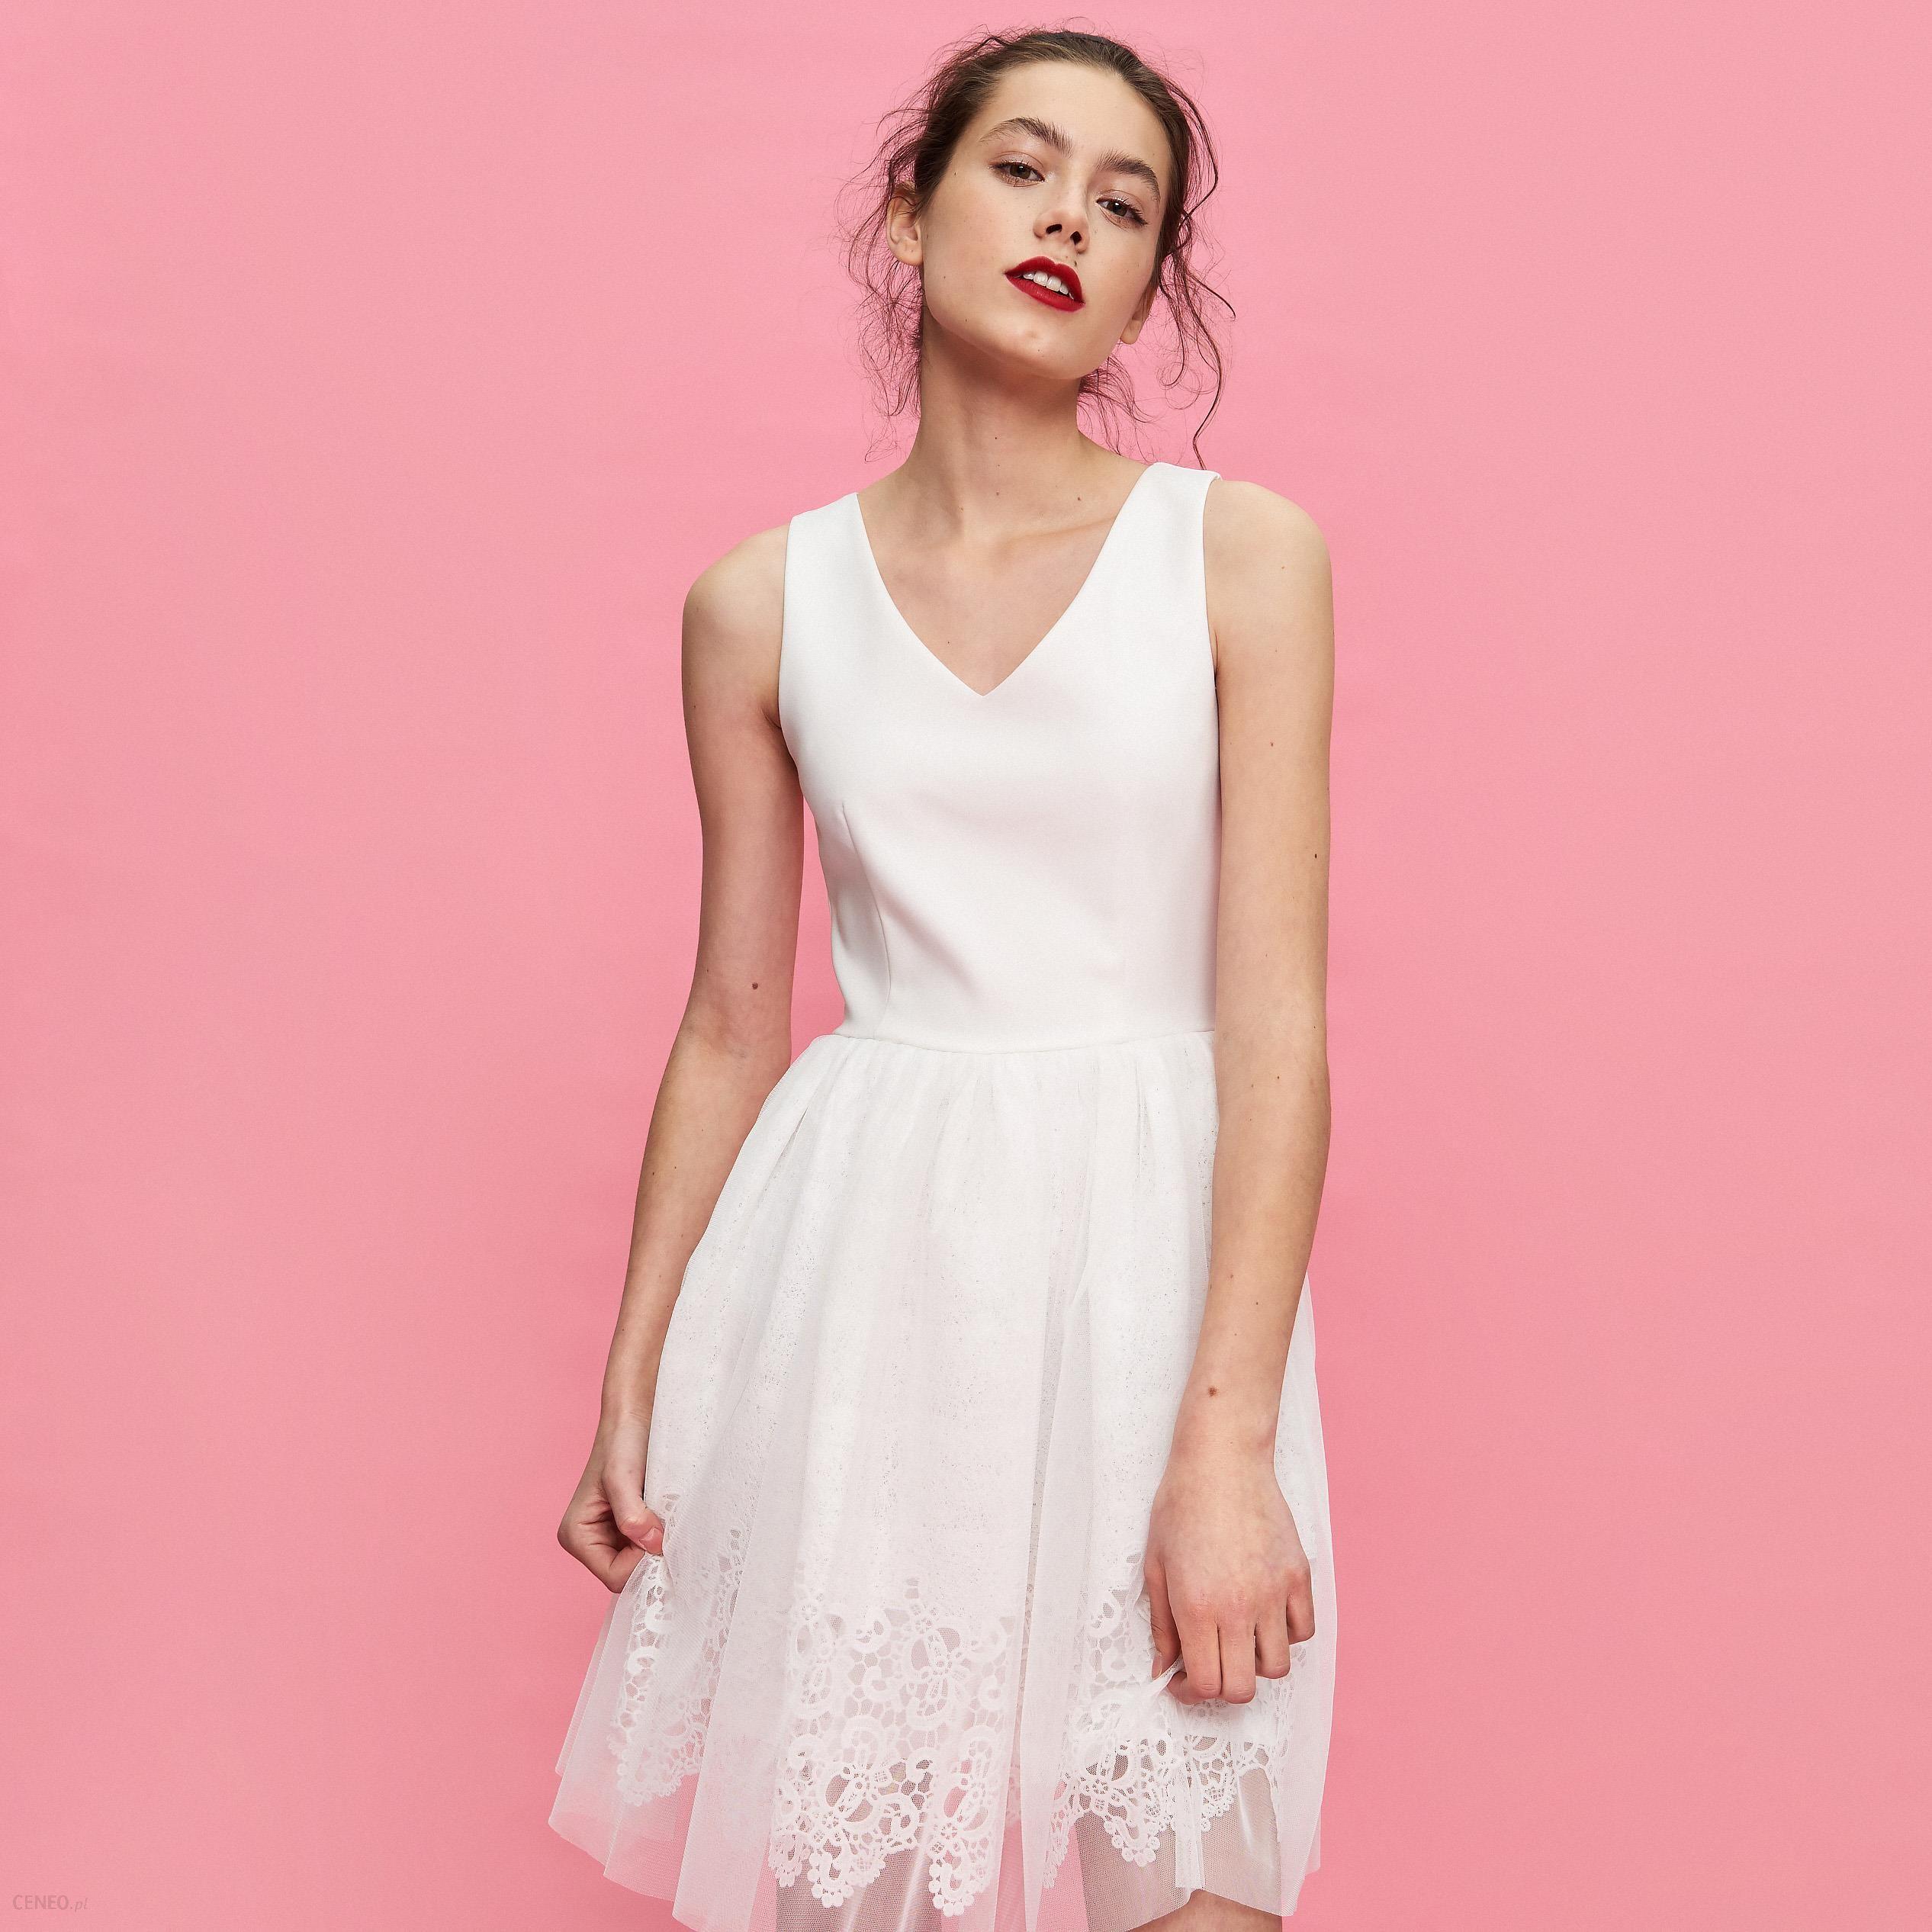 96e7e40657 Sinsay - Rozkloszowana sukienka ze zdobieniem - Kremowy - Ceny i ...